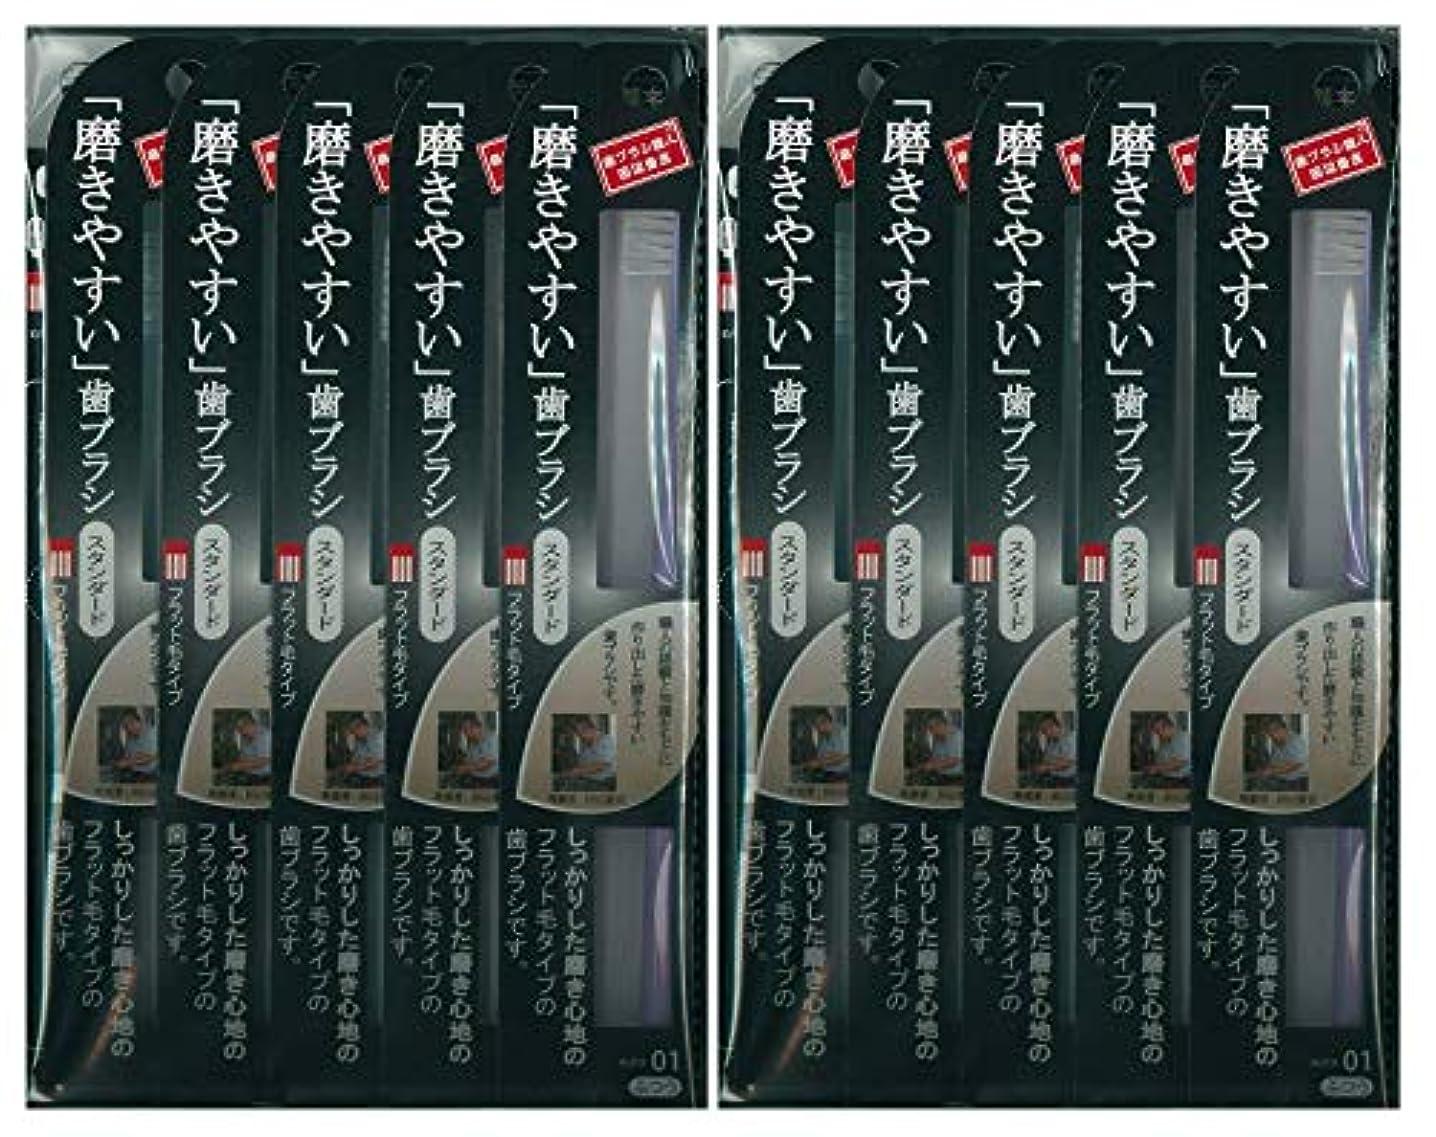 オークションセンチメートルささいな歯ブラシ職人 田辺重吉考案 磨きやすい歯ブラシ ふつう (フラット) LT-01 1本入×24本セット